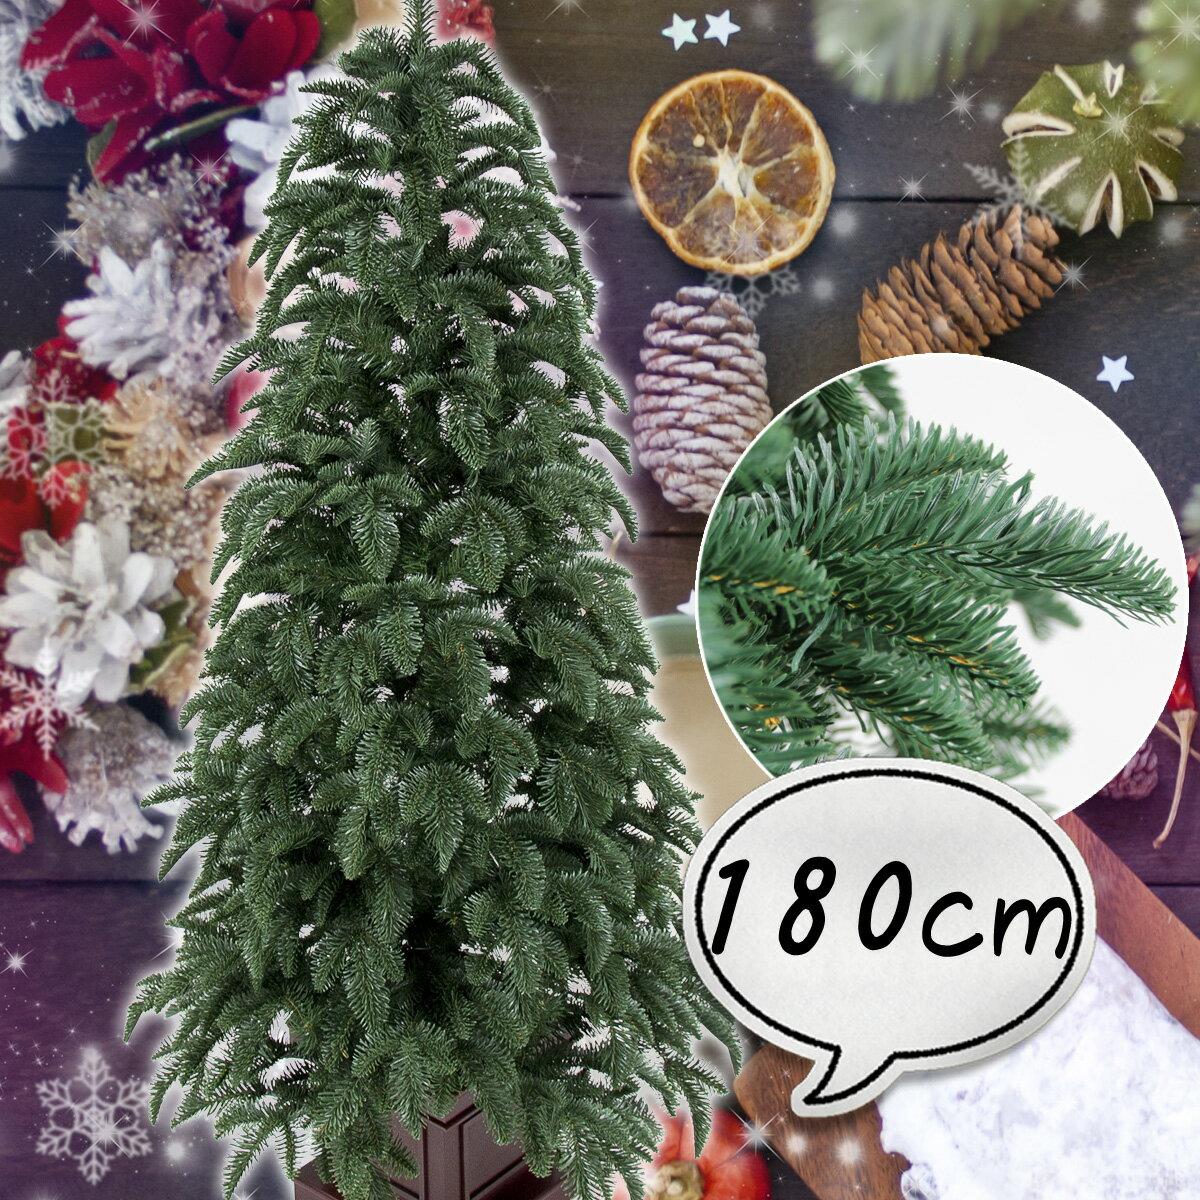 クリスマスツリー 180cm リアルスプルースツリー 木製ポット ポットツリー 葉は本物のような肉厚 北欧 おしゃれ 【レビュー】 【T】